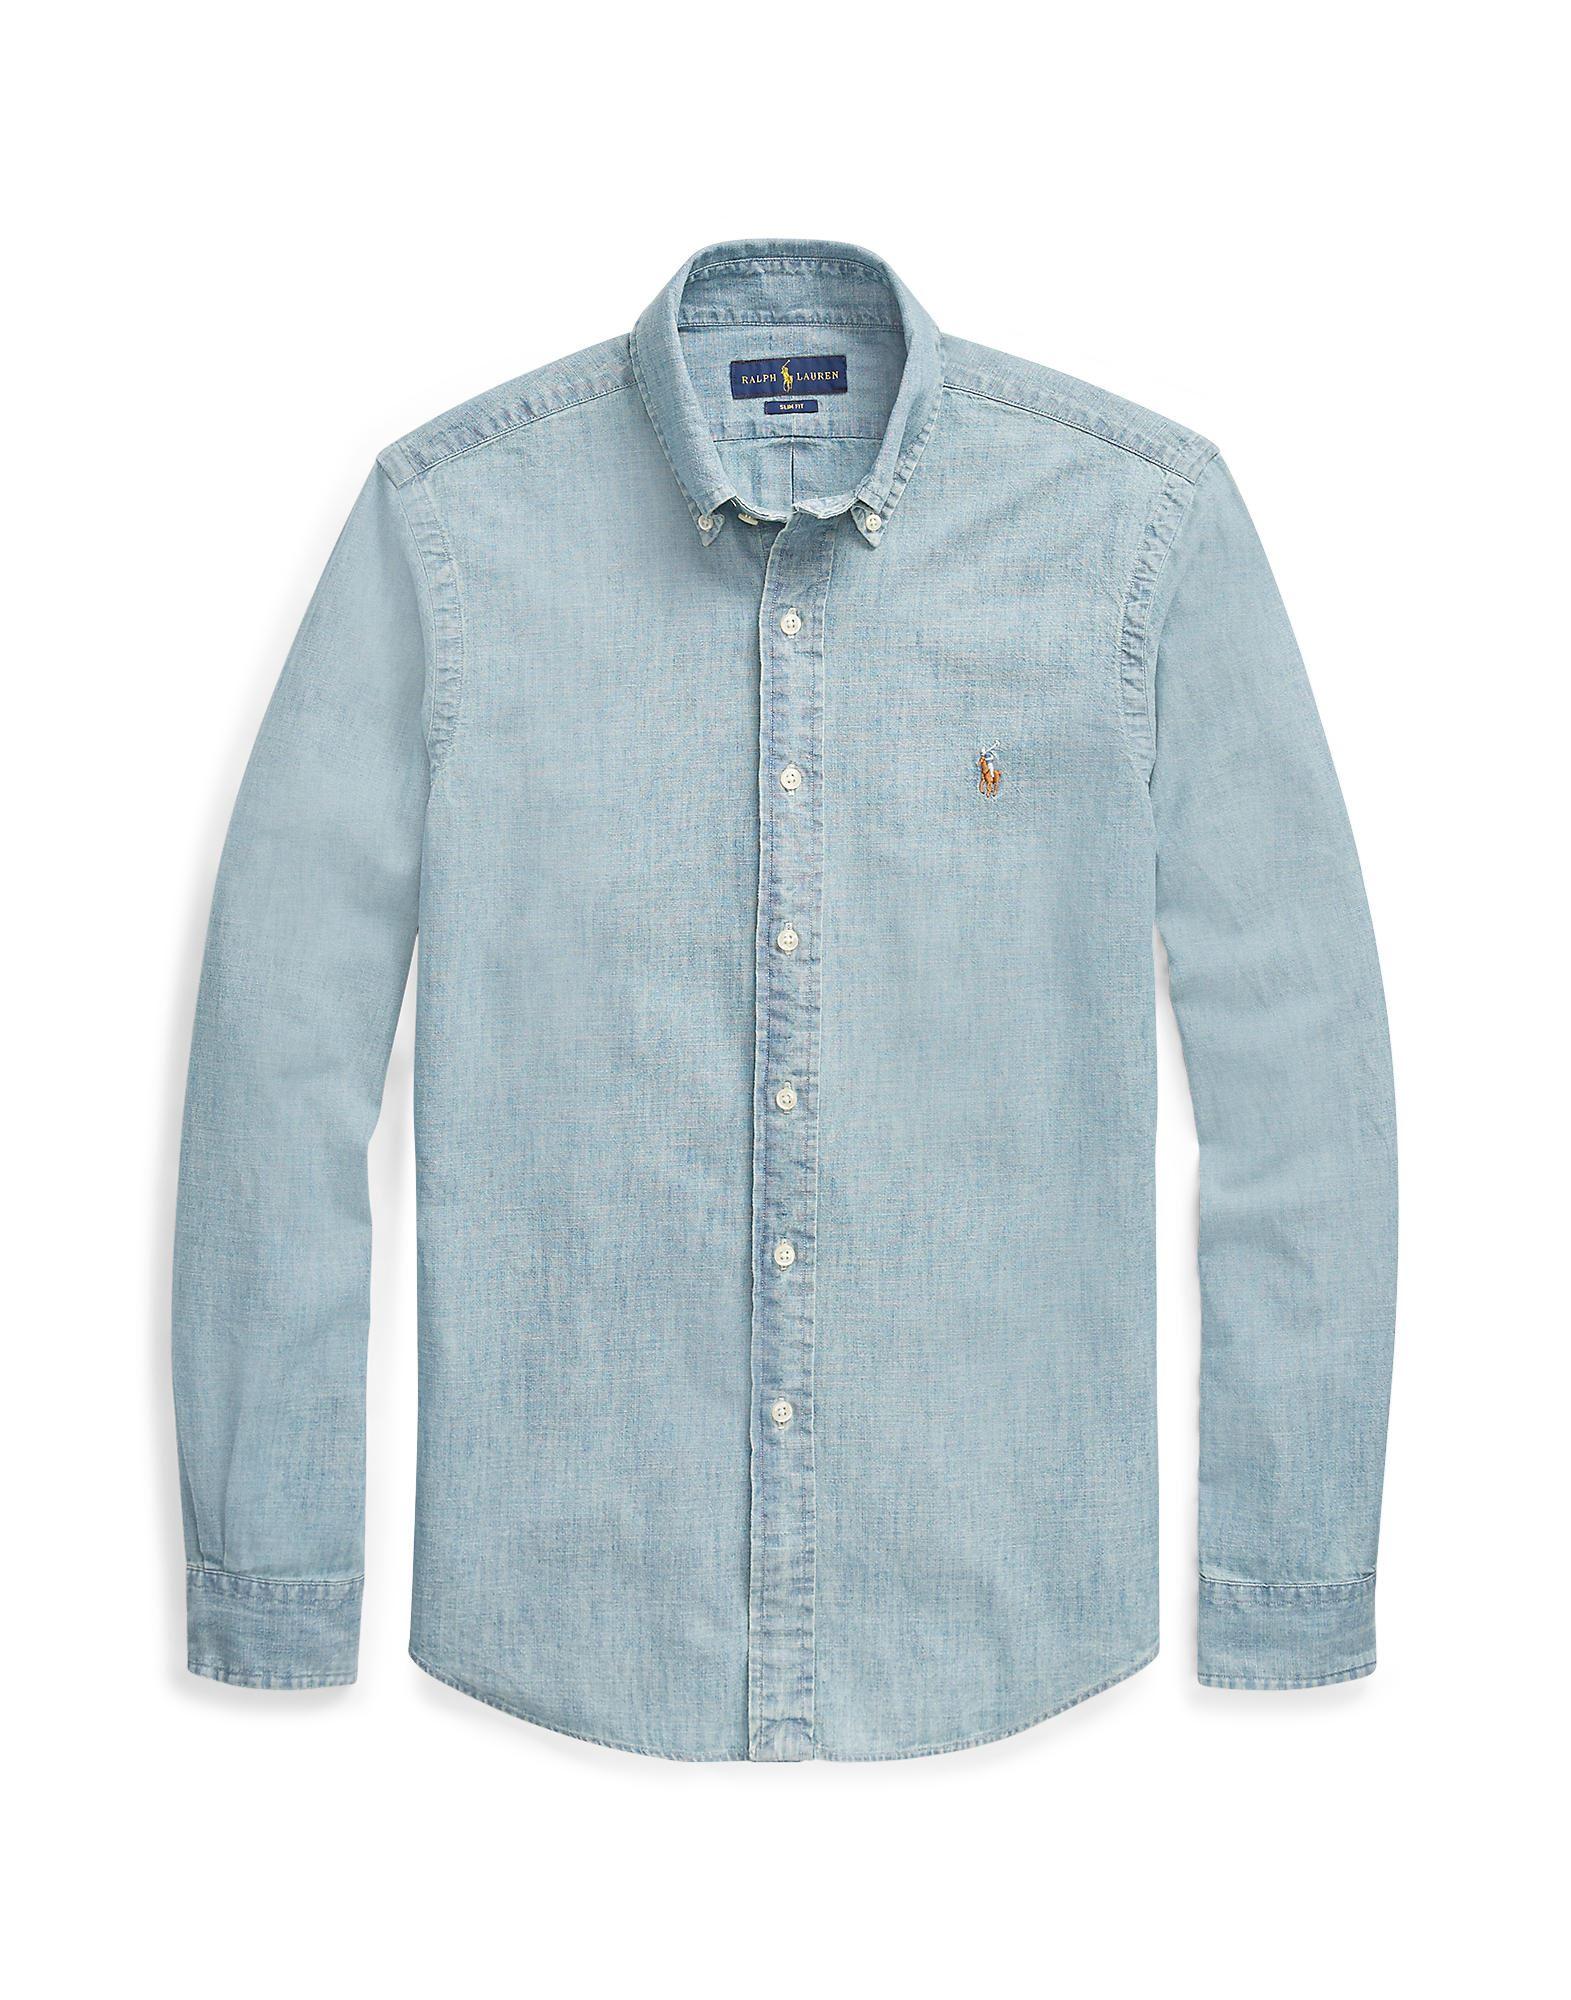 《送料無料》POLO RALPH LAUREN メンズ デニムシャツ ブルー S コットン 100% Slim Fit Chambray Shirt